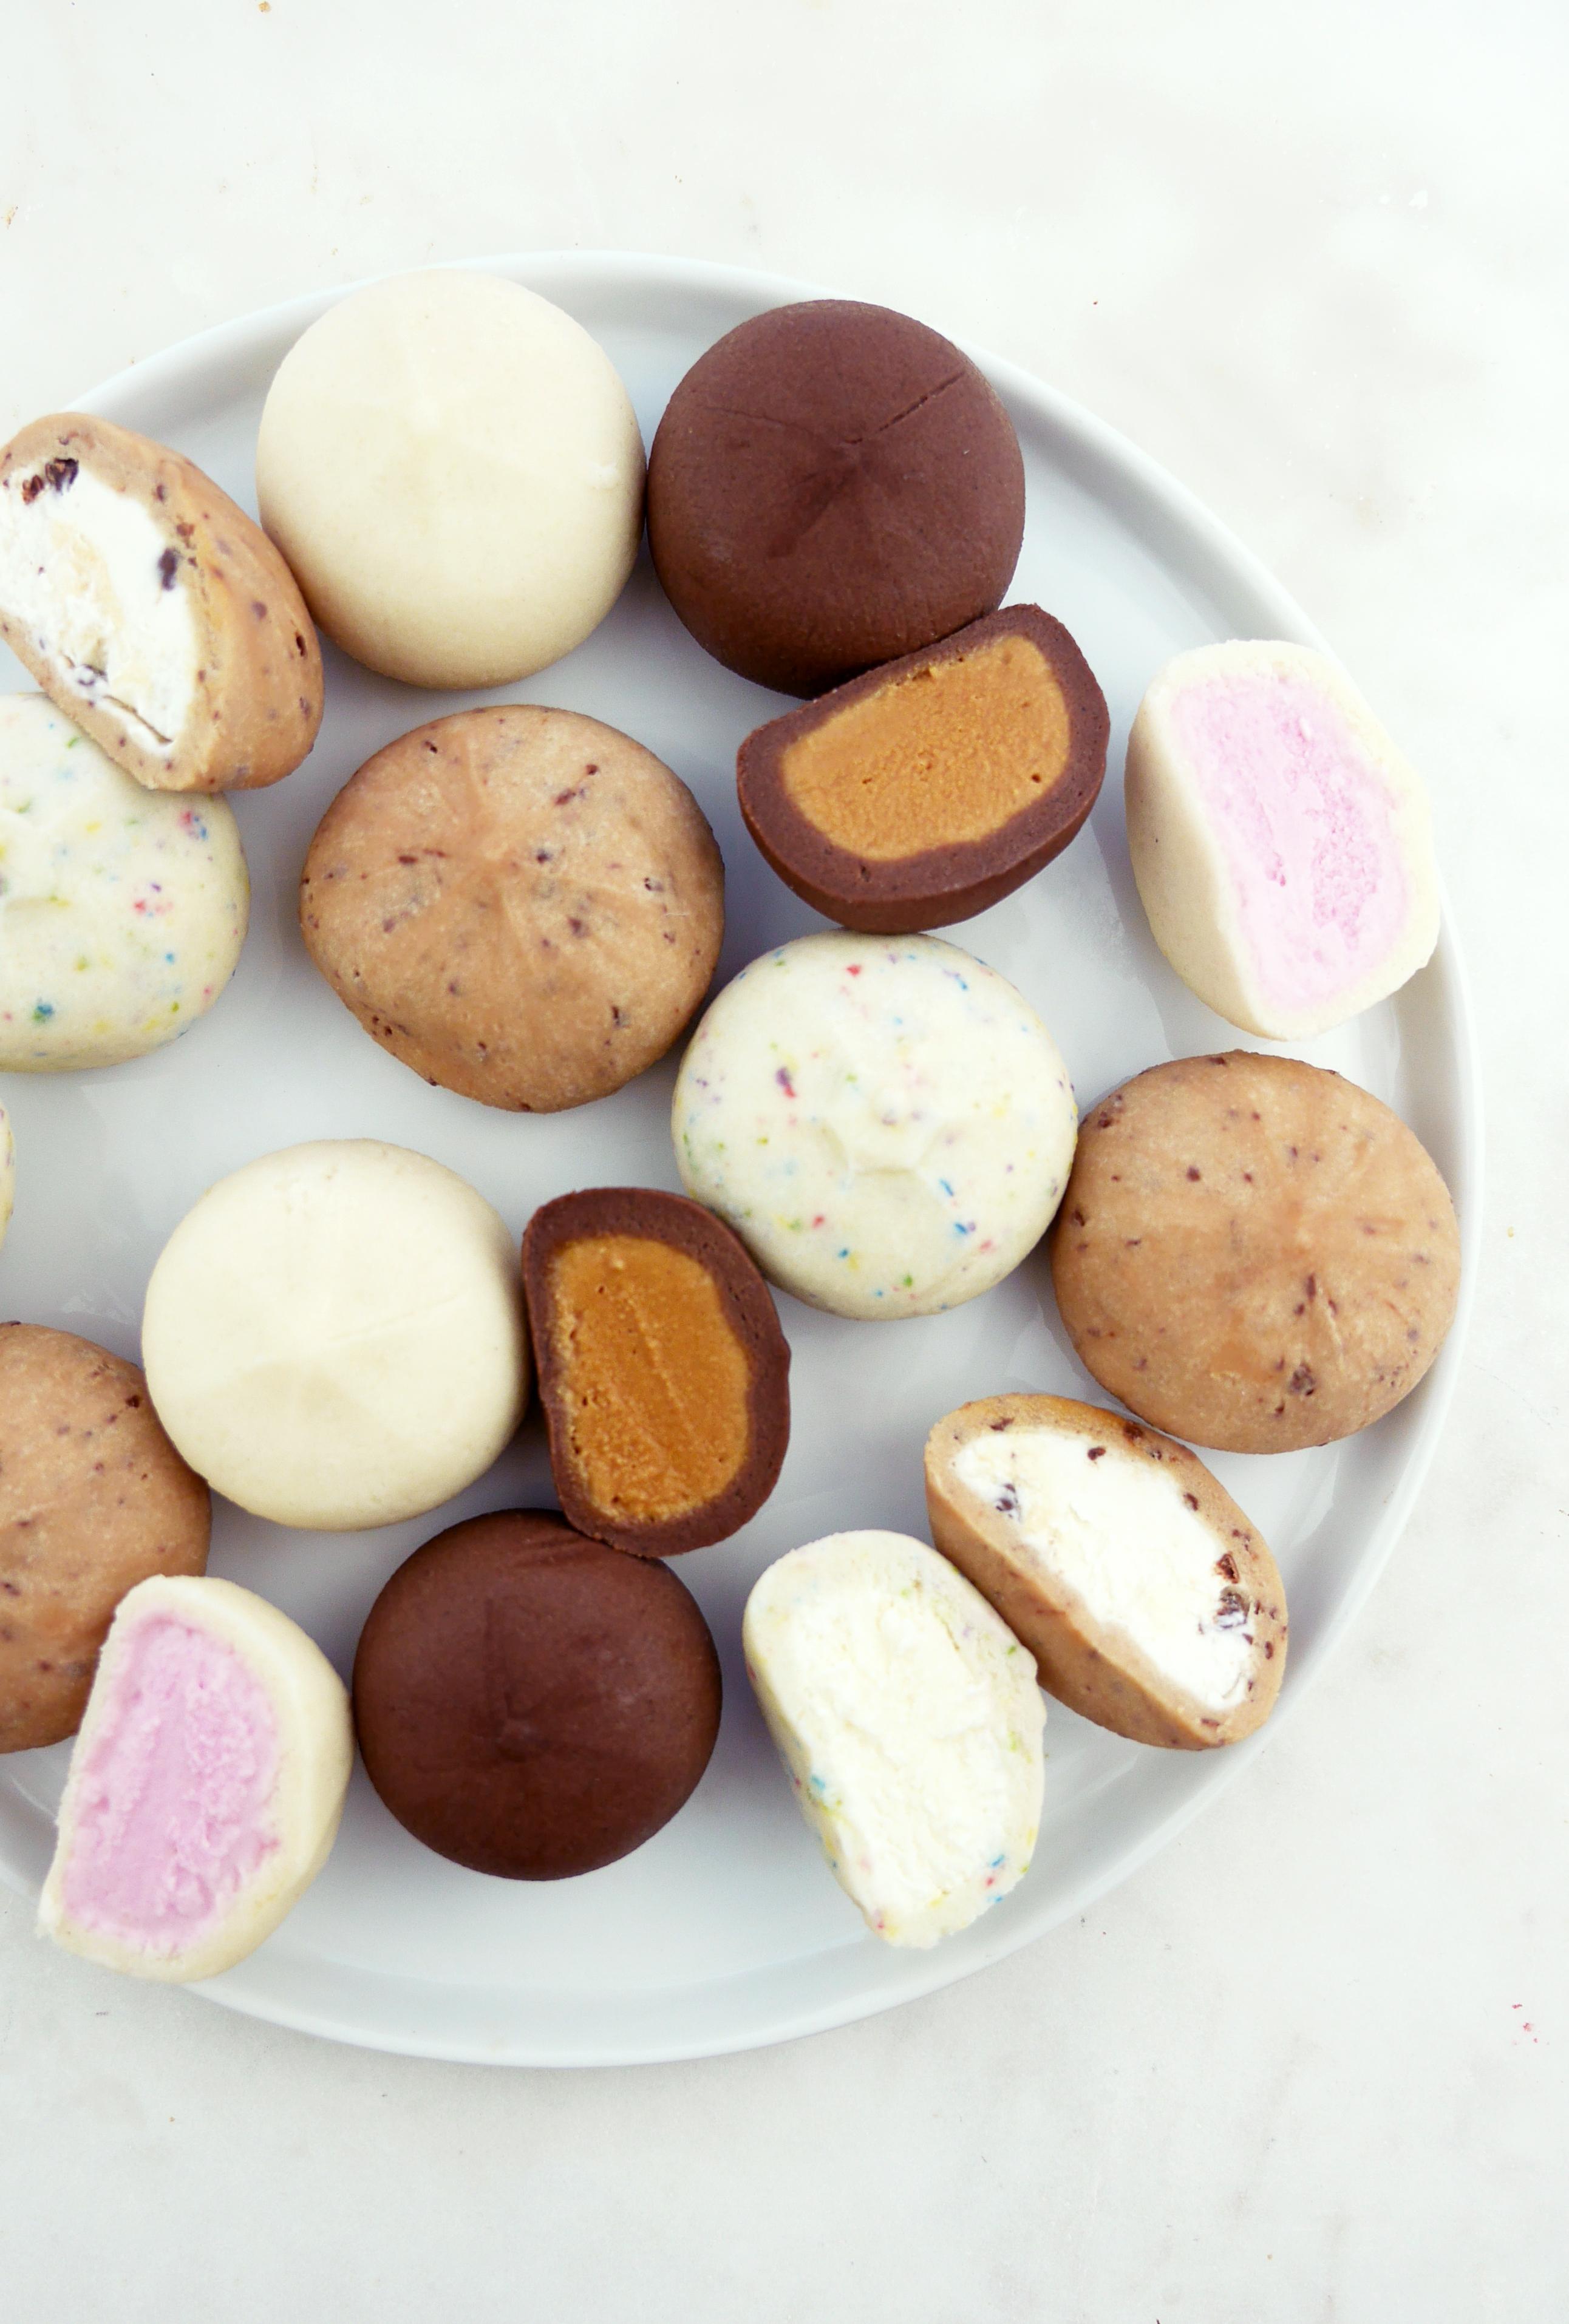 Bubbies Cookie Dough Ice Cream Bites